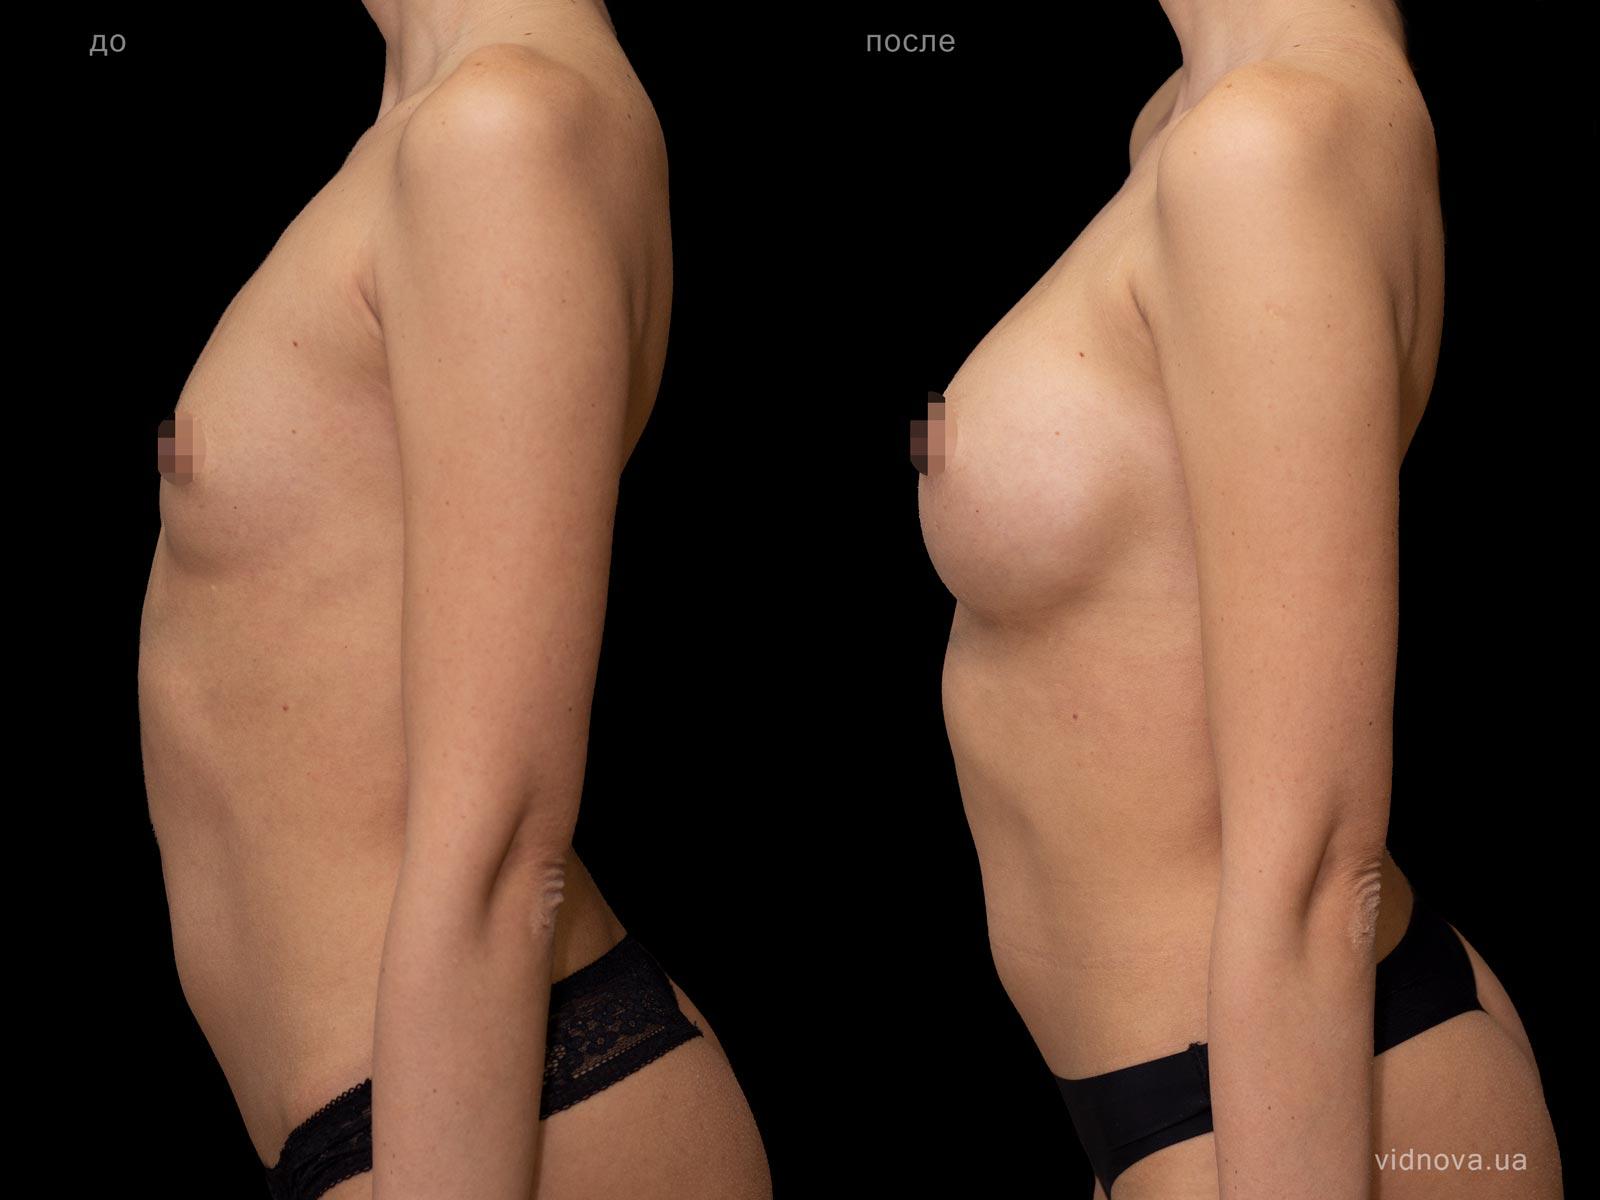 Пластика груди: результаты до и после - Пример №91-2 - Светлана Работенко